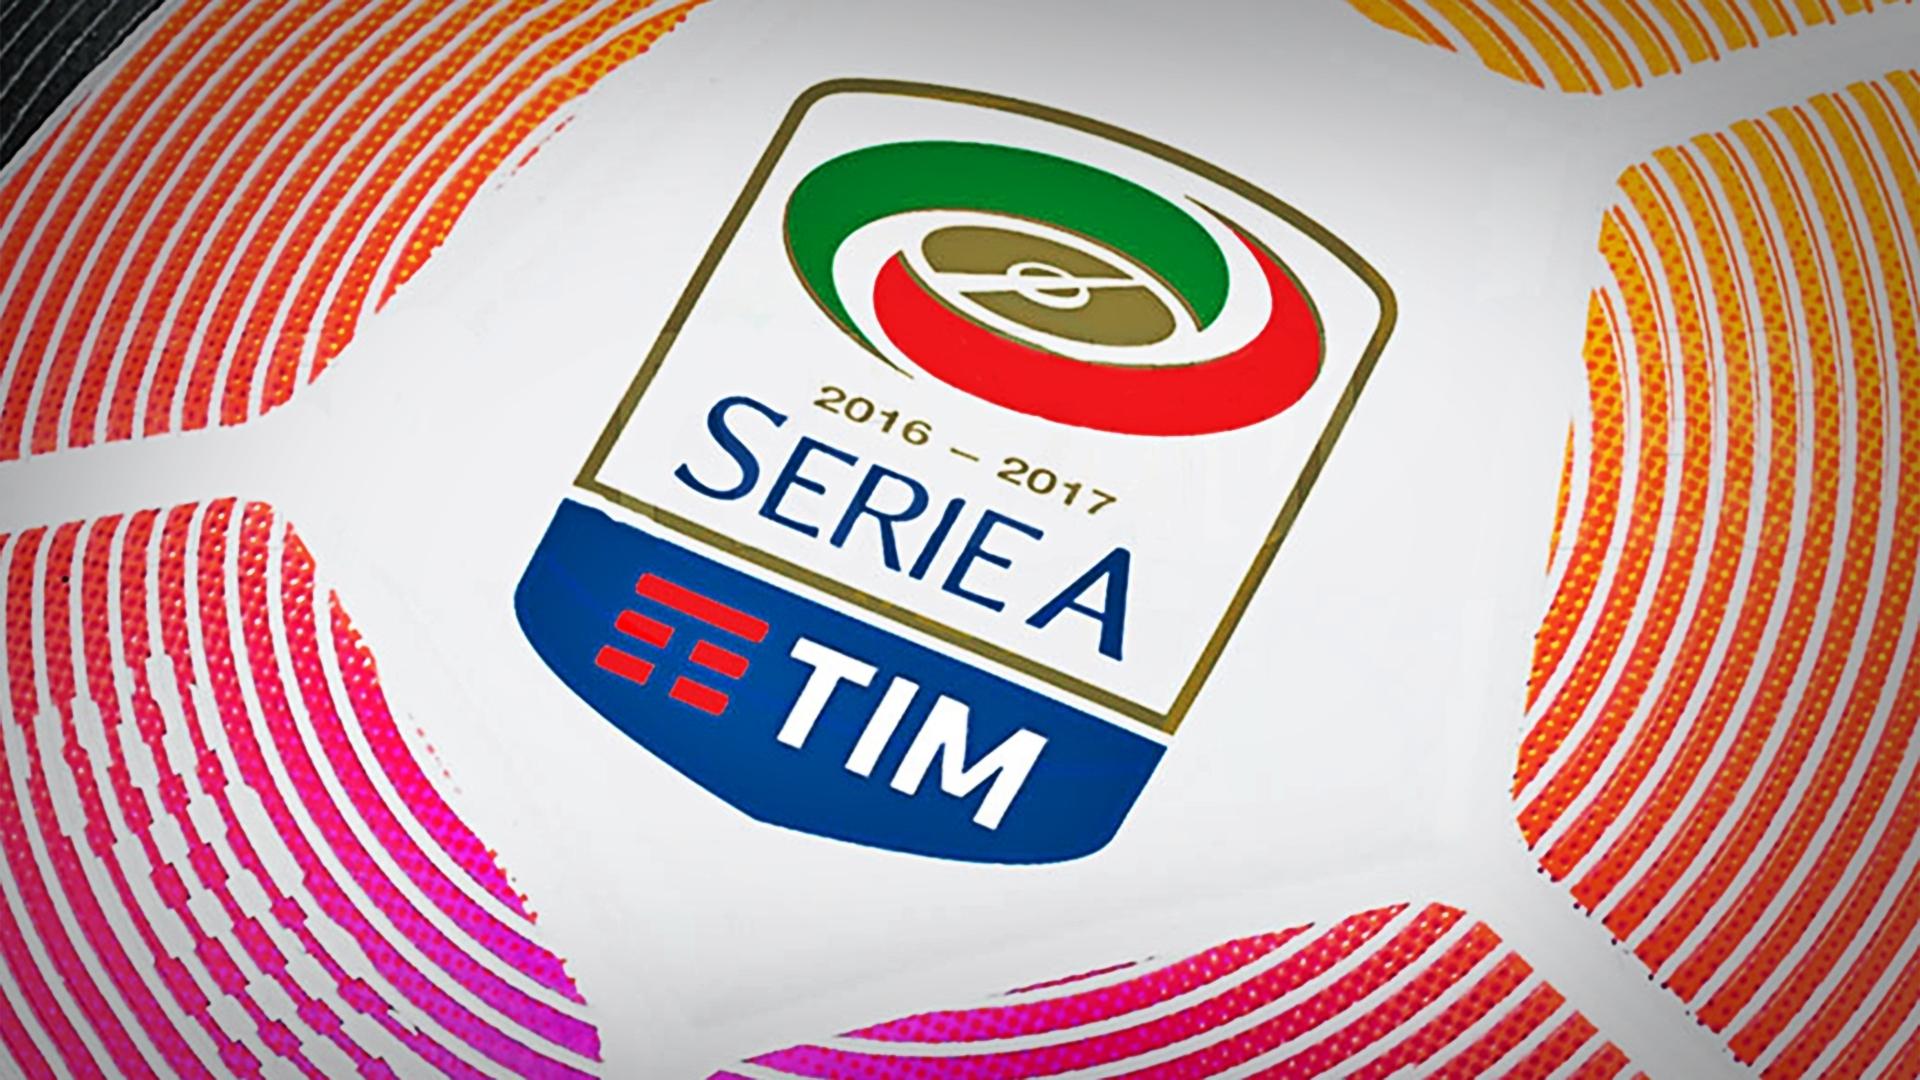 Serie A 2016/17: il calendario verrà annunciato il prossimo 22 luglio